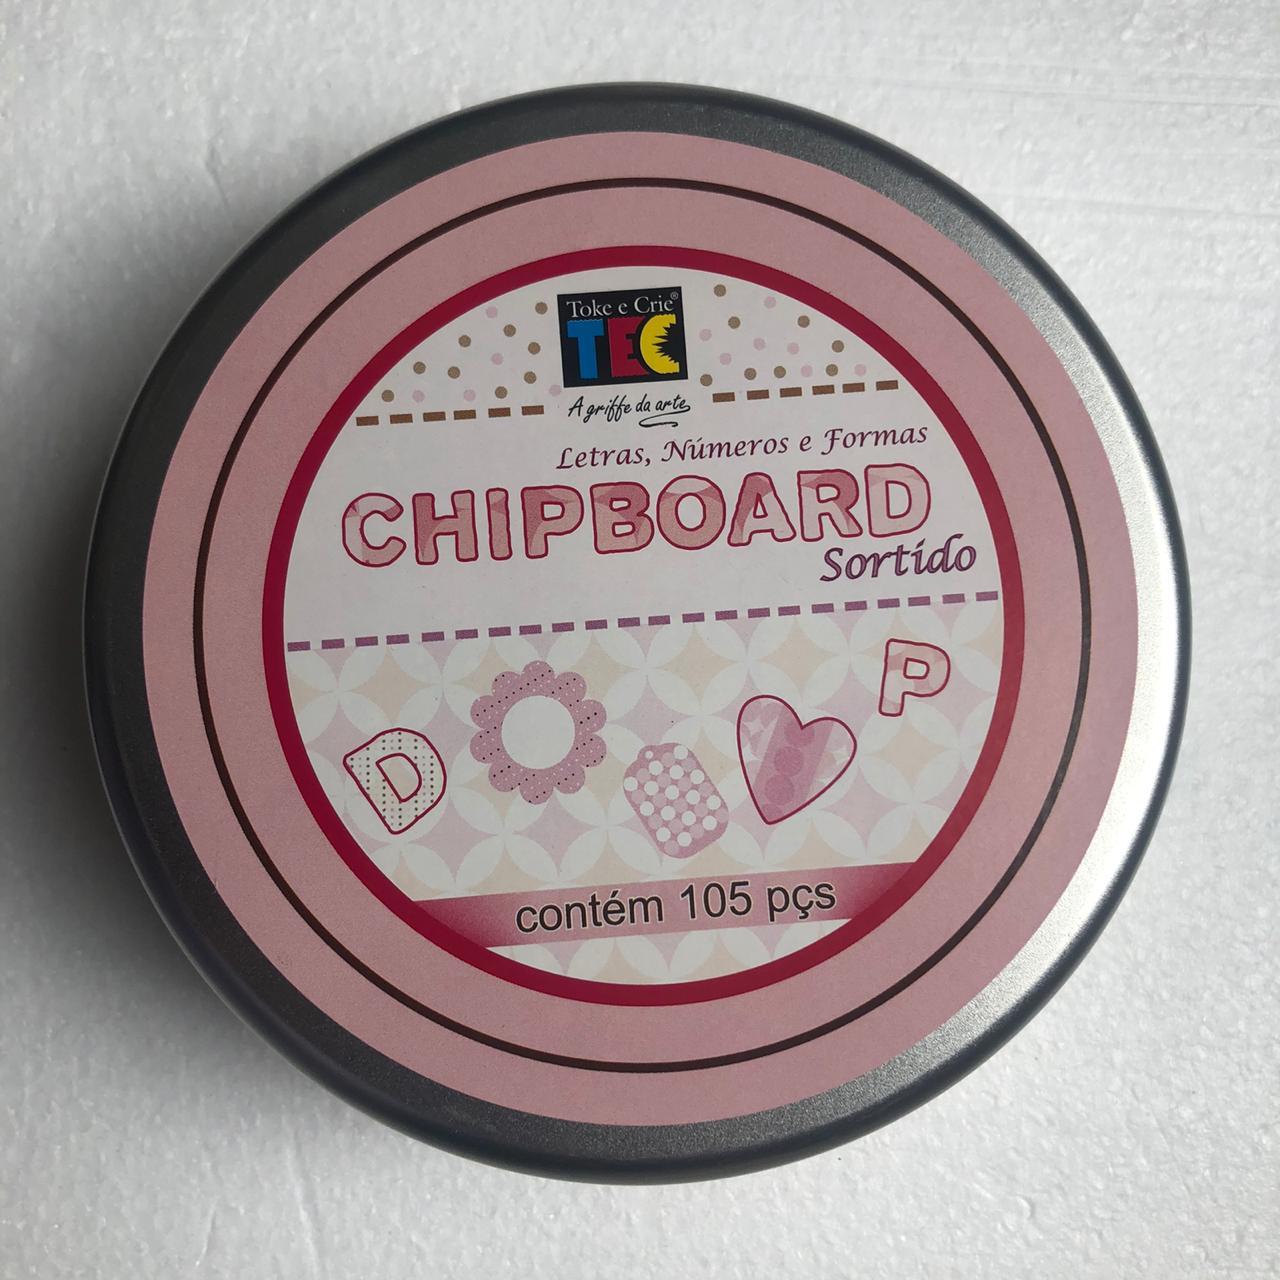 Chipboard Sortido Rosa Claro com 105 peças - Toke e Crie (10272)